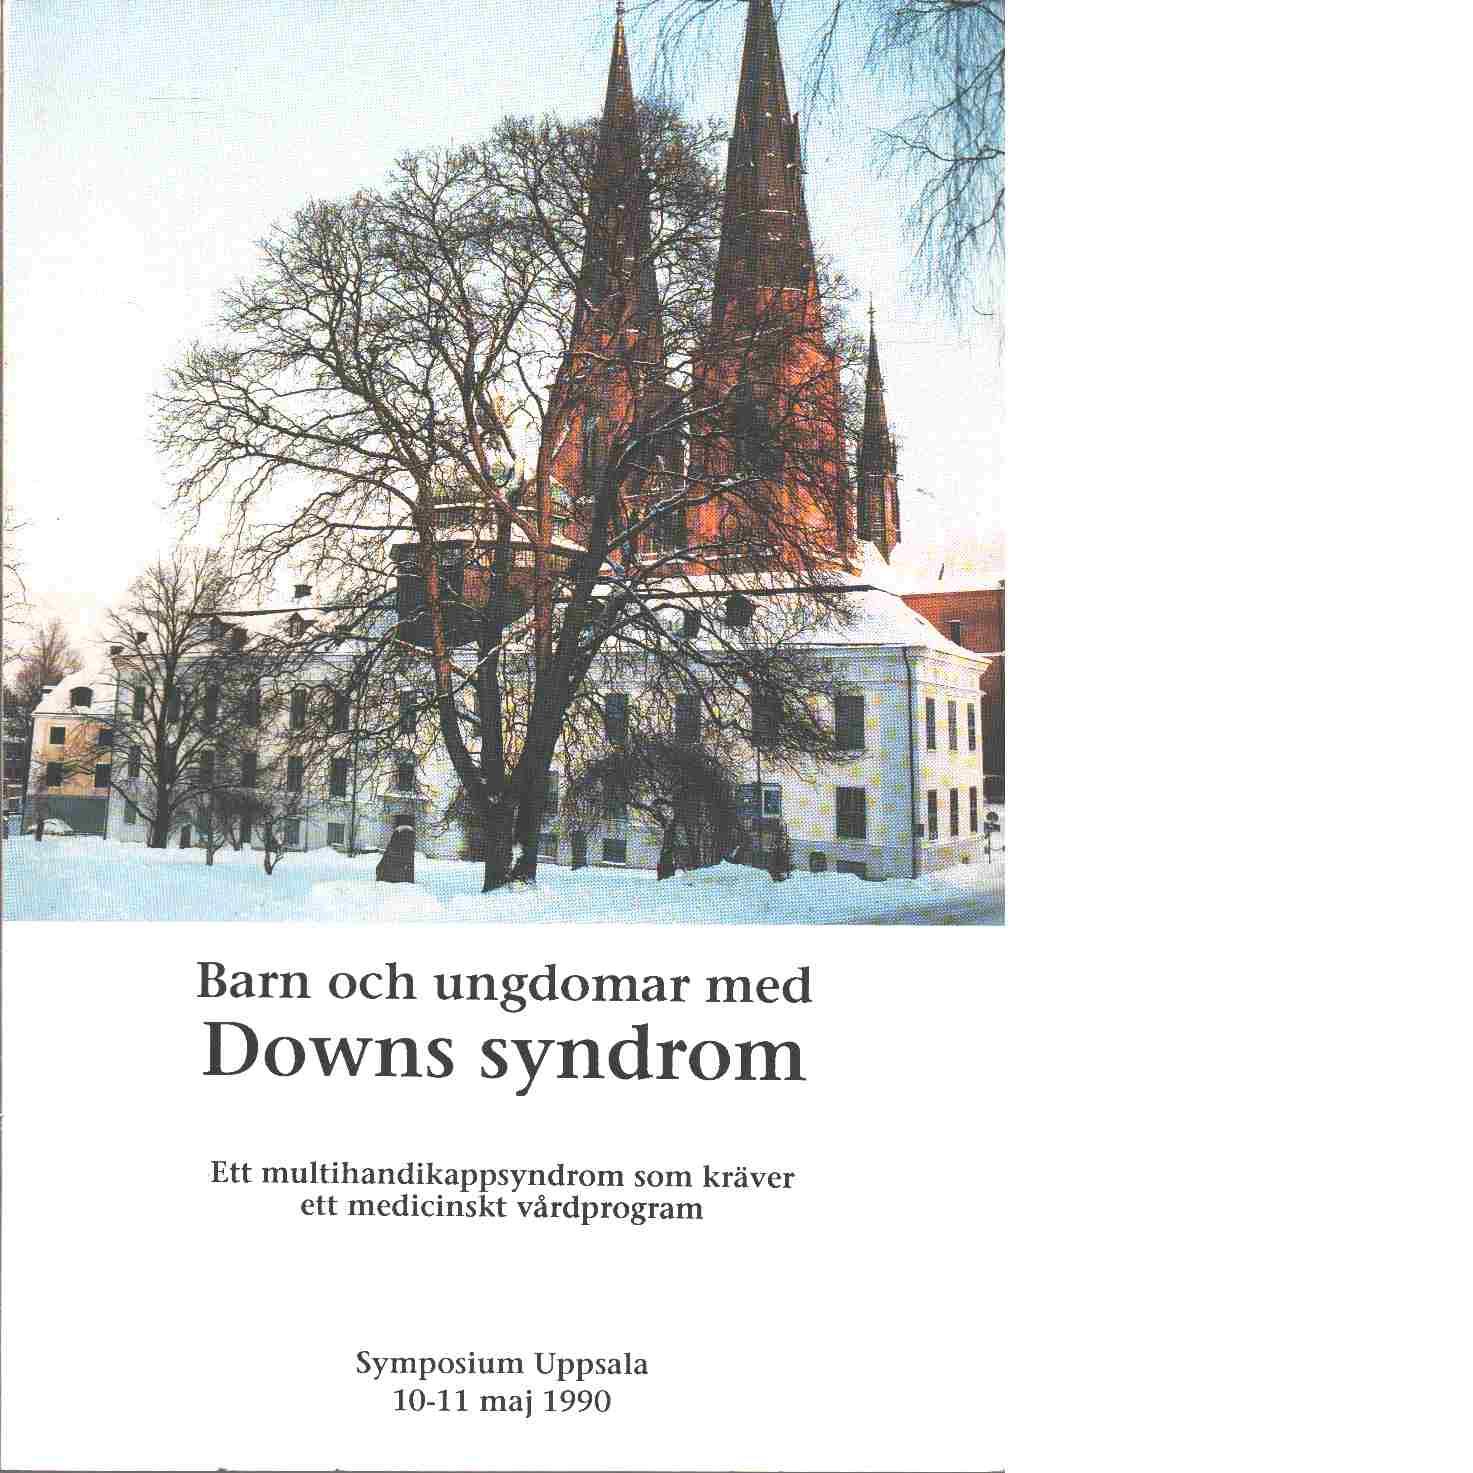 Barn och ungdomar med Downs syndrom - Red. Annerén, Göran och Gustavson, Karl-Henrik